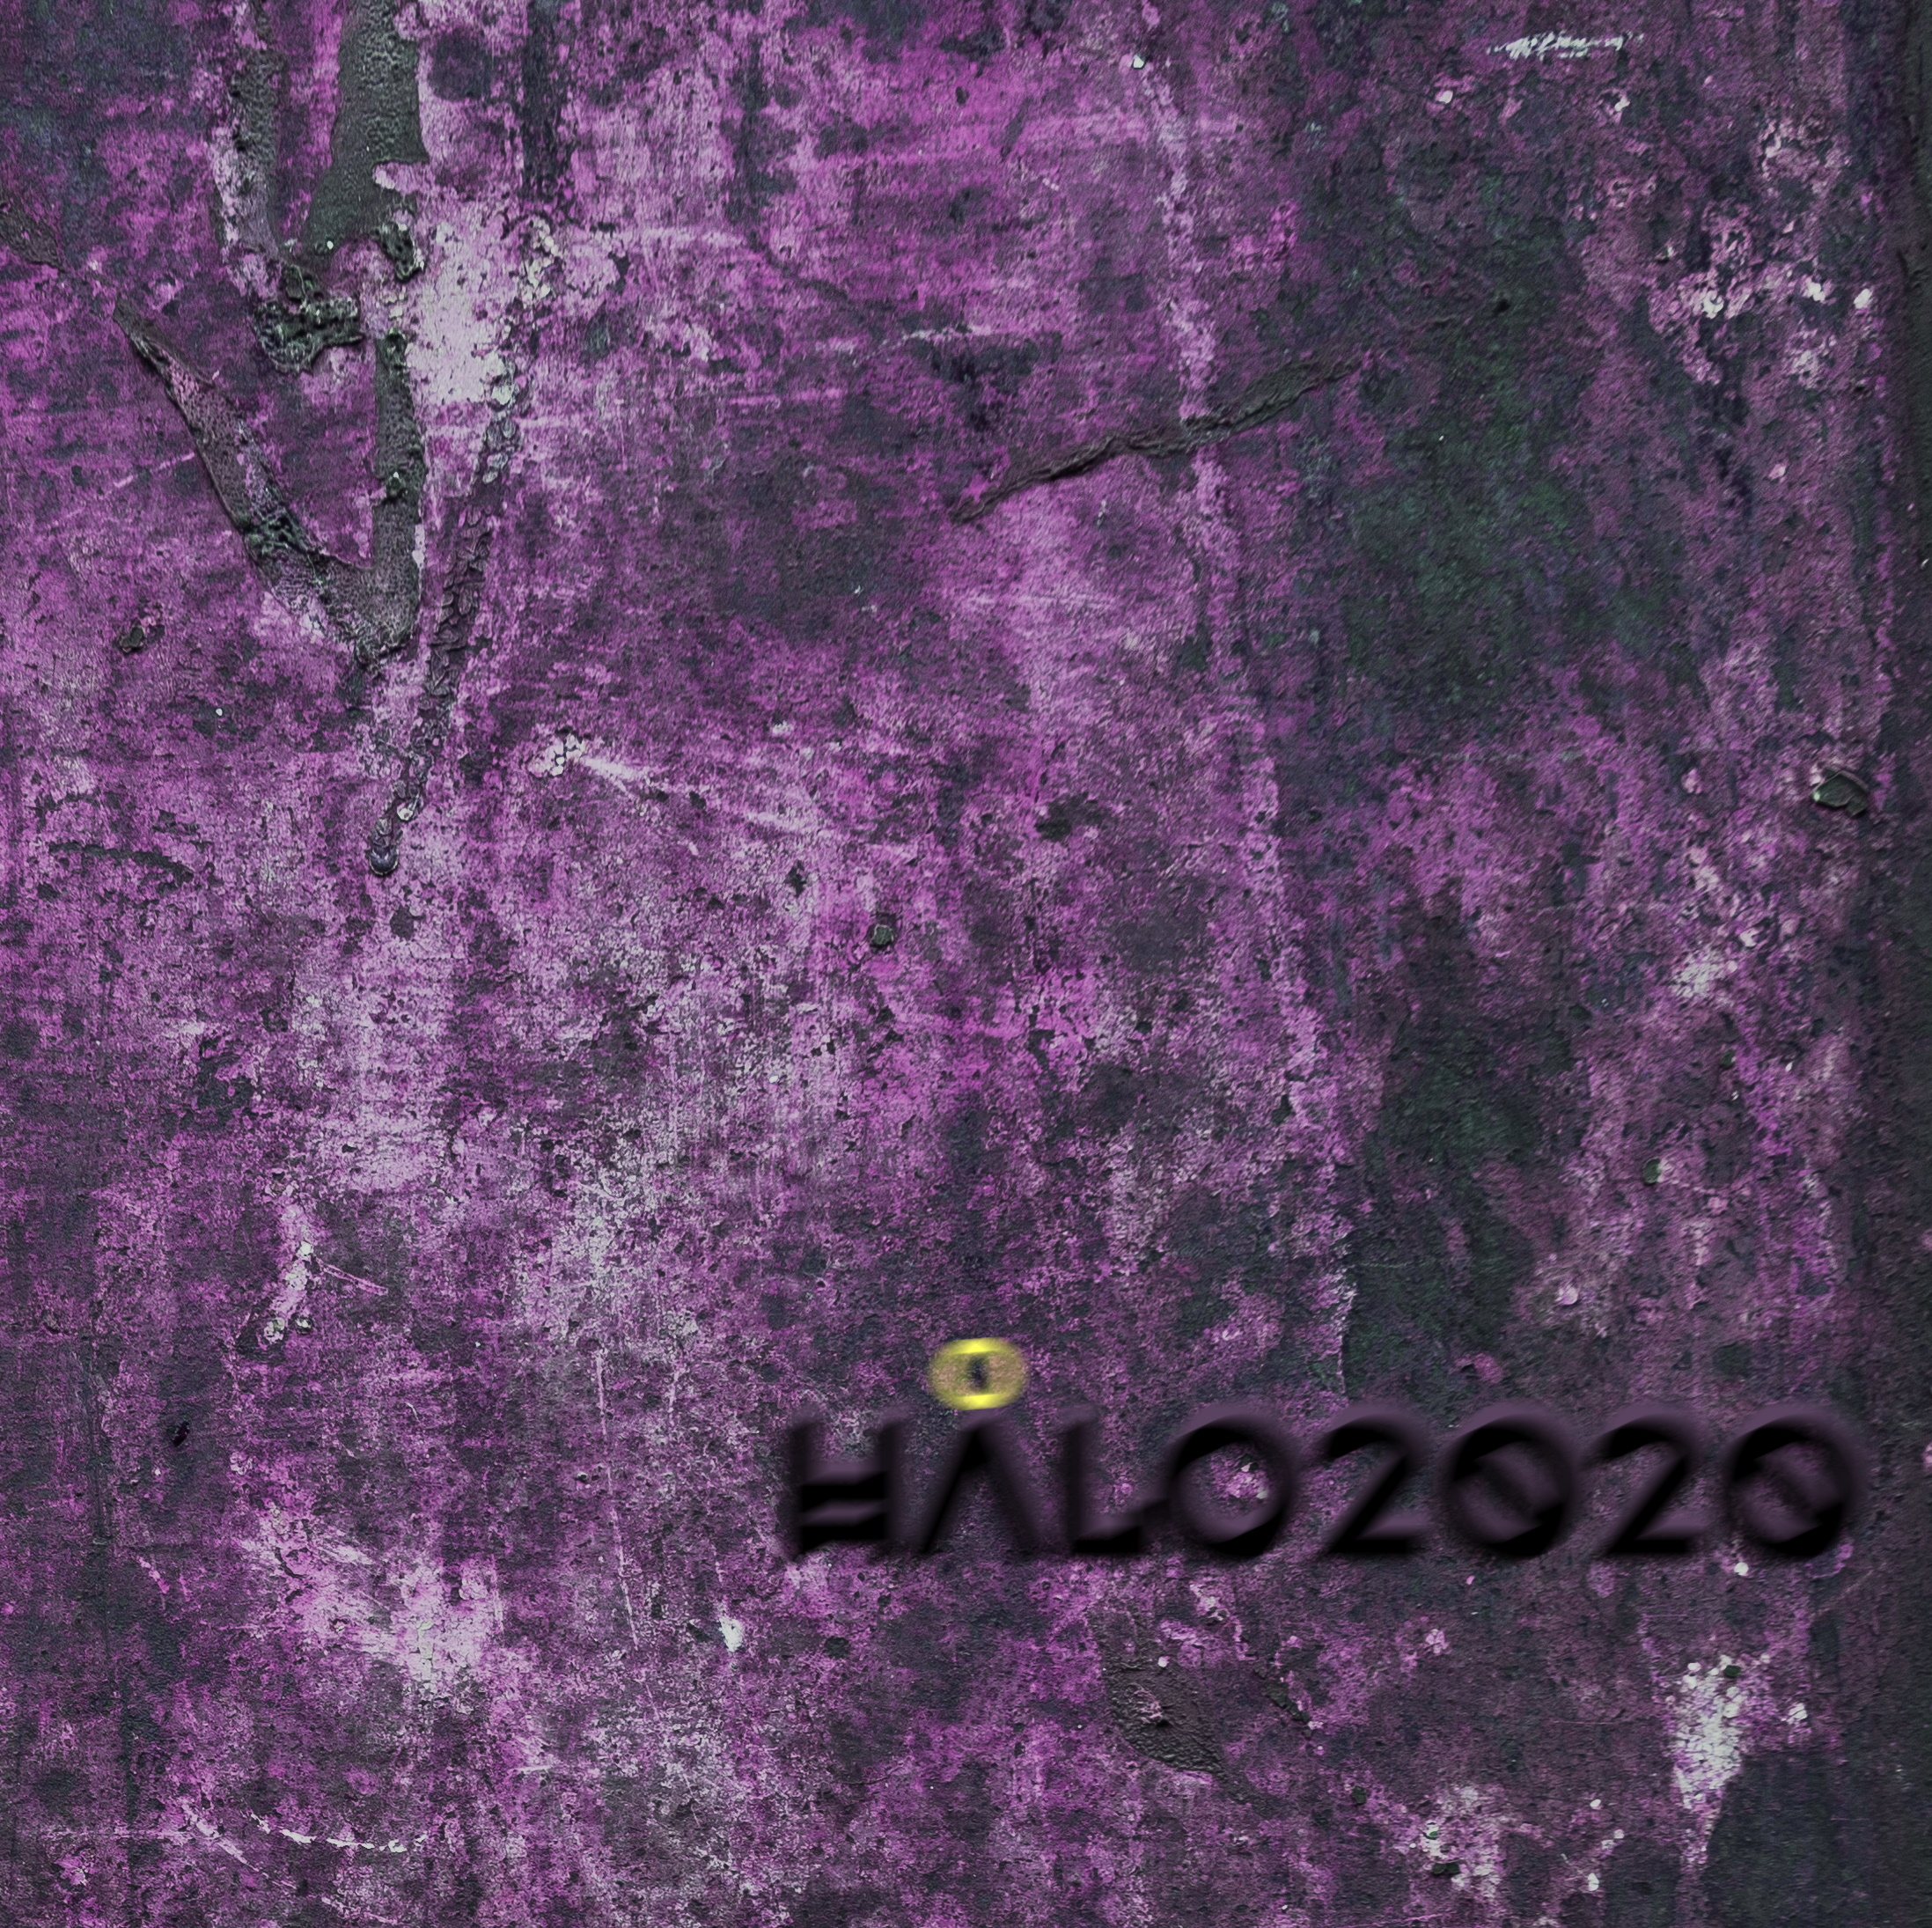 HaLO 2020 album cover